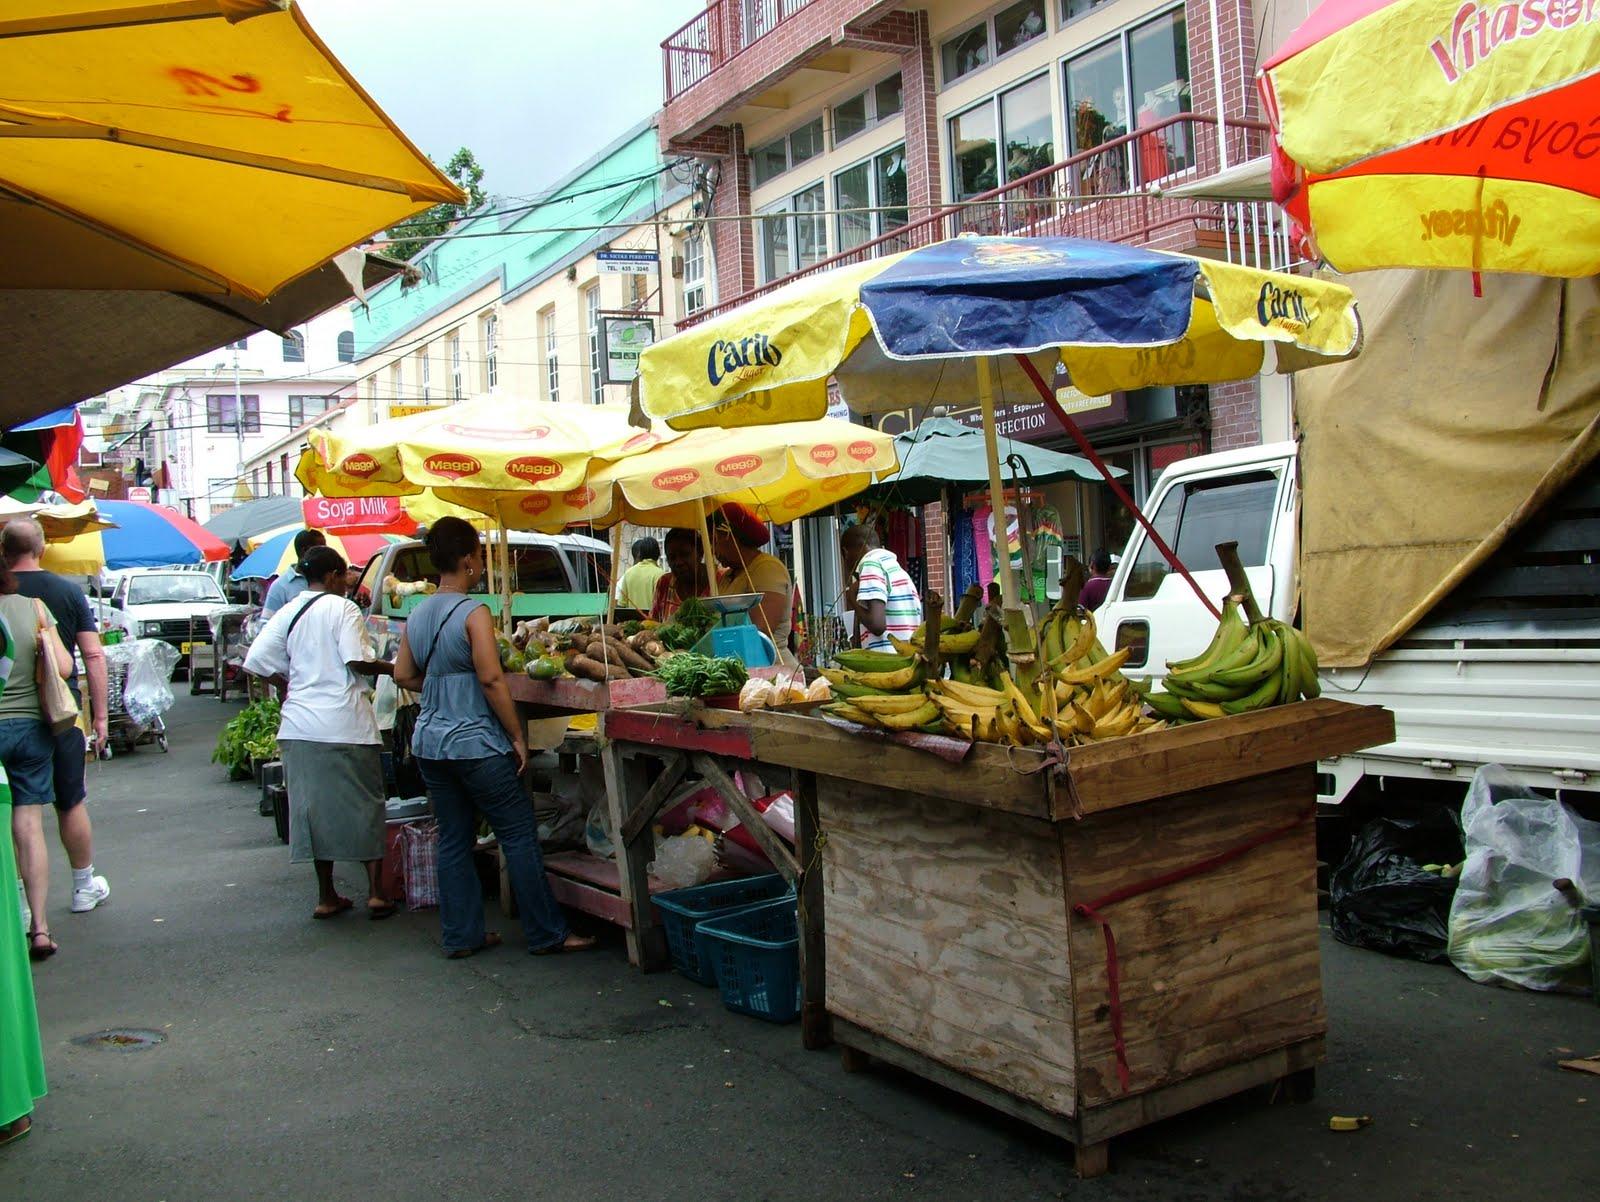 http://1.bp.blogspot.com/_5ZO_j9ozWwo/TPFlNI0dPVI/AAAAAAAAAI4/Ato2VYnqel4/s1600/Grenada%2B002.jpg